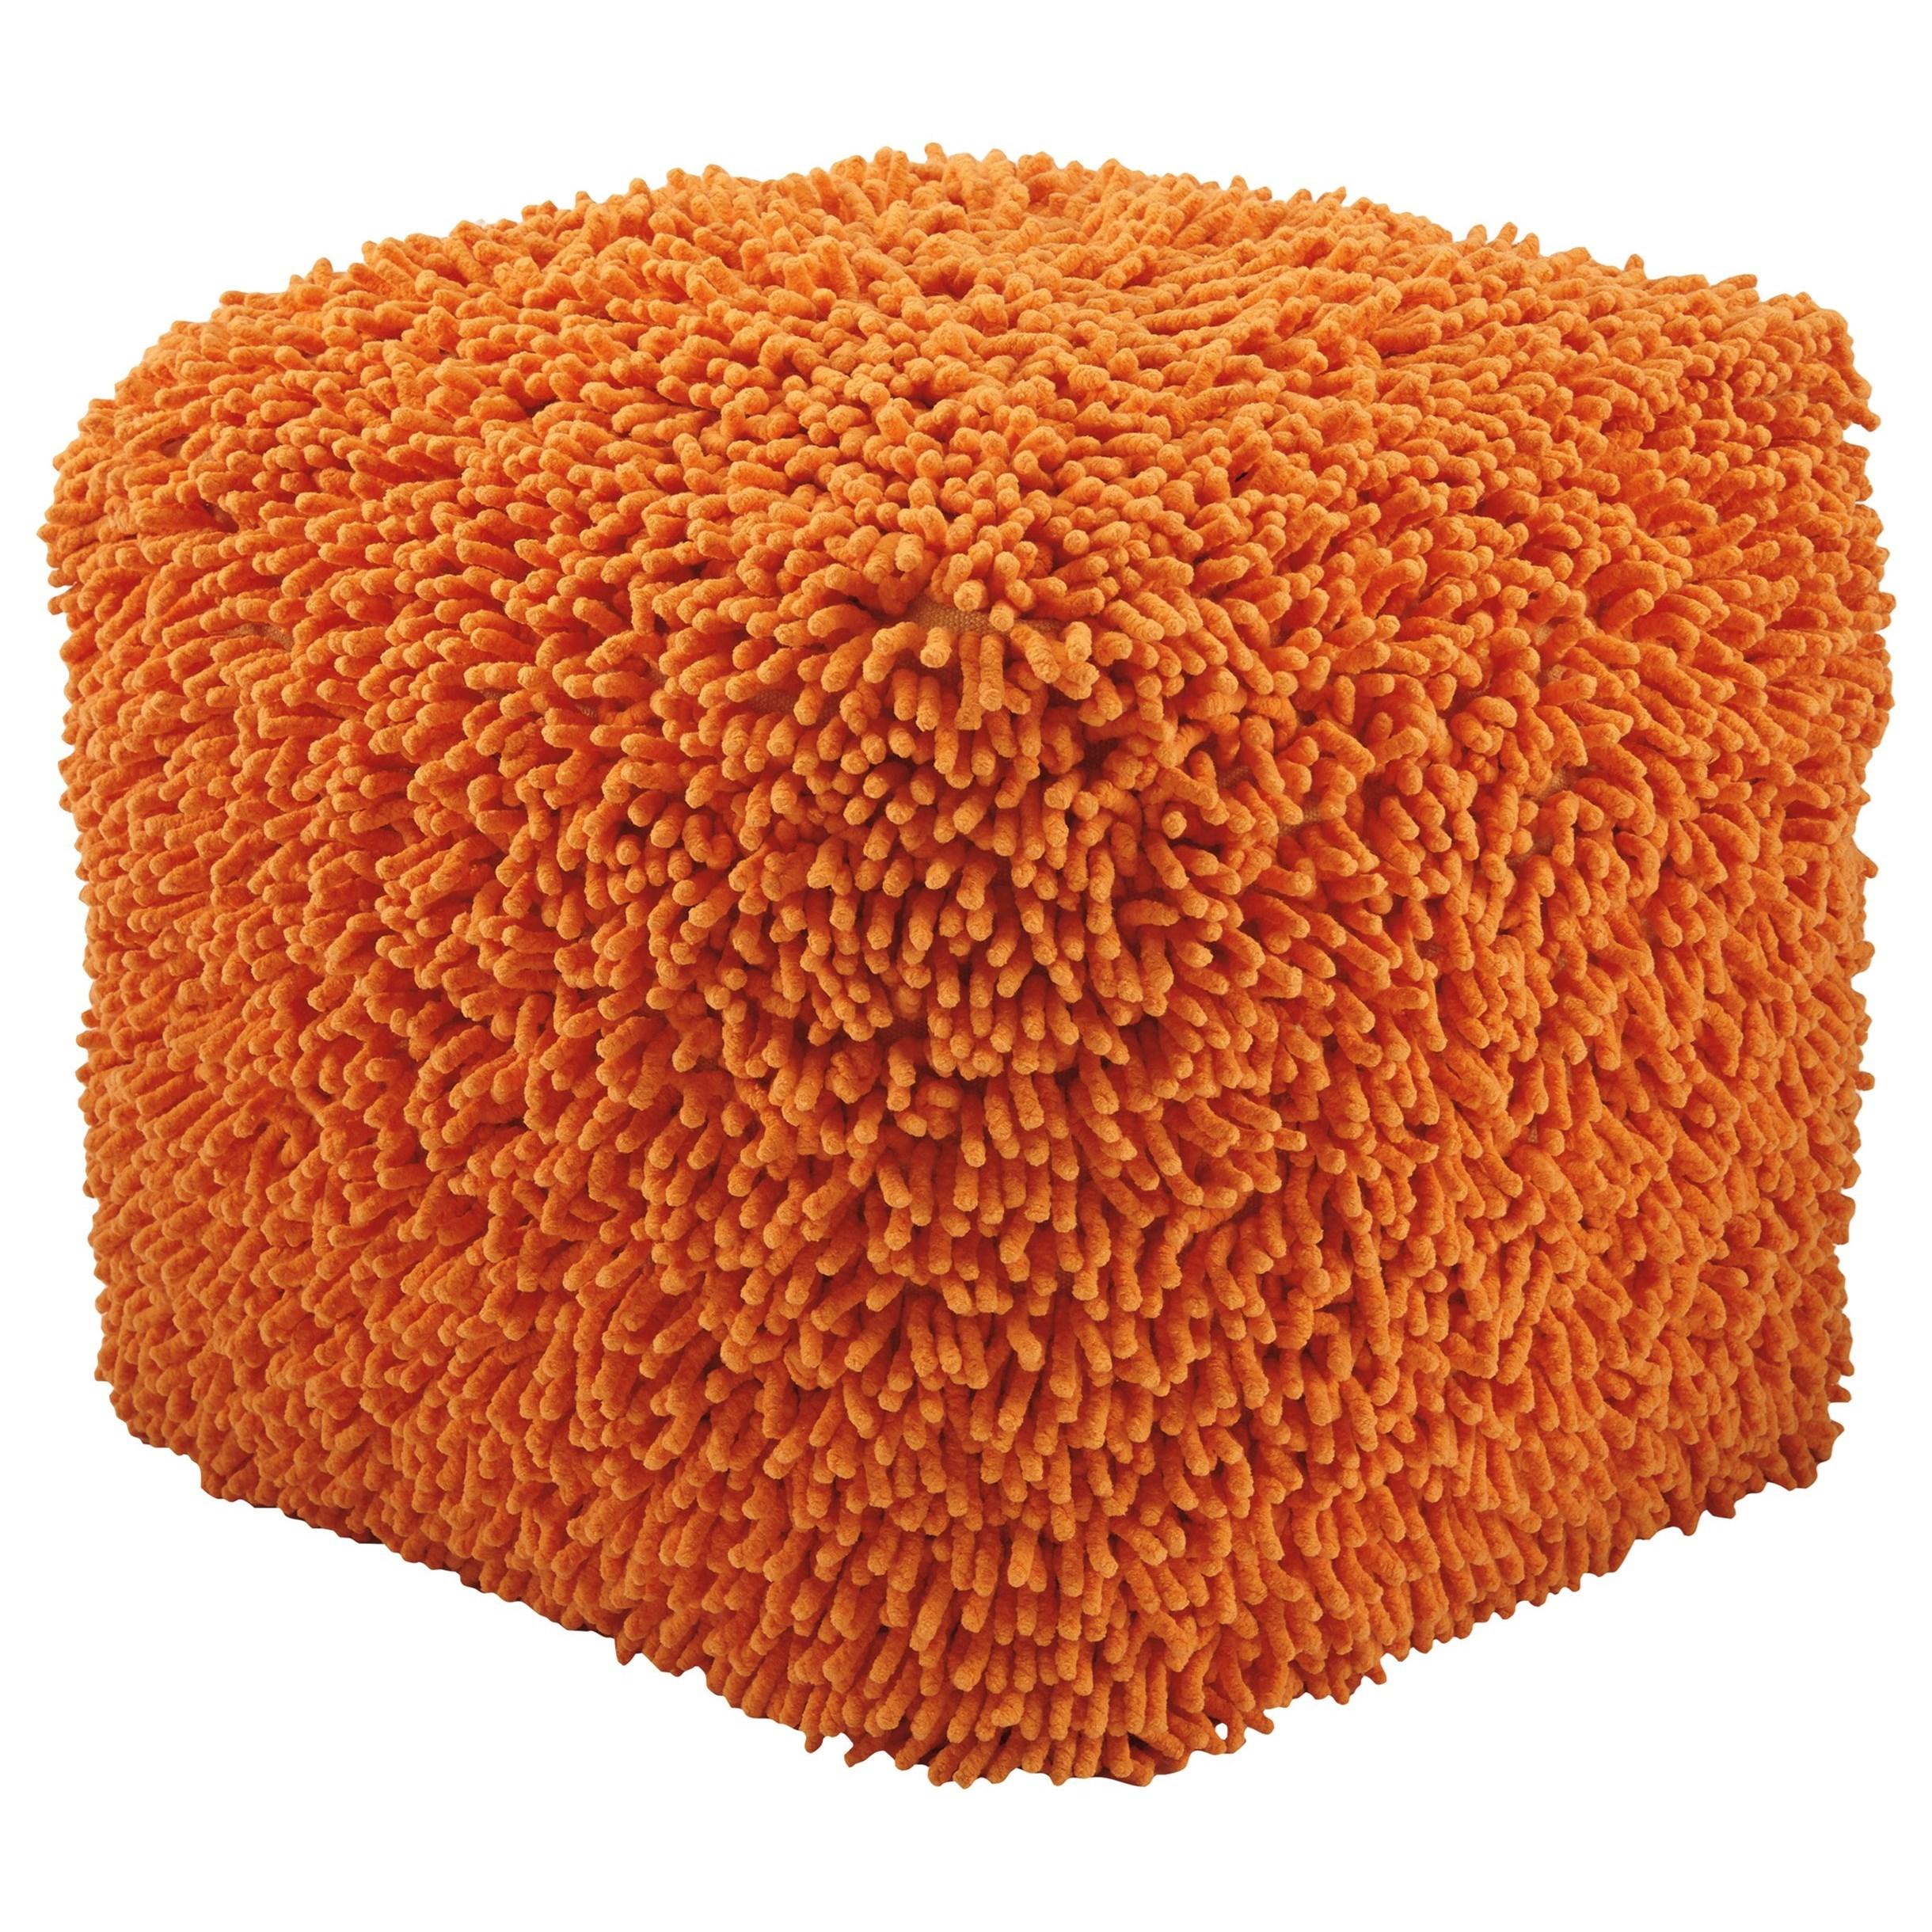 Signature Design by Ashley Poufs Taisce - Orange Pouf - Item Number: A1000561